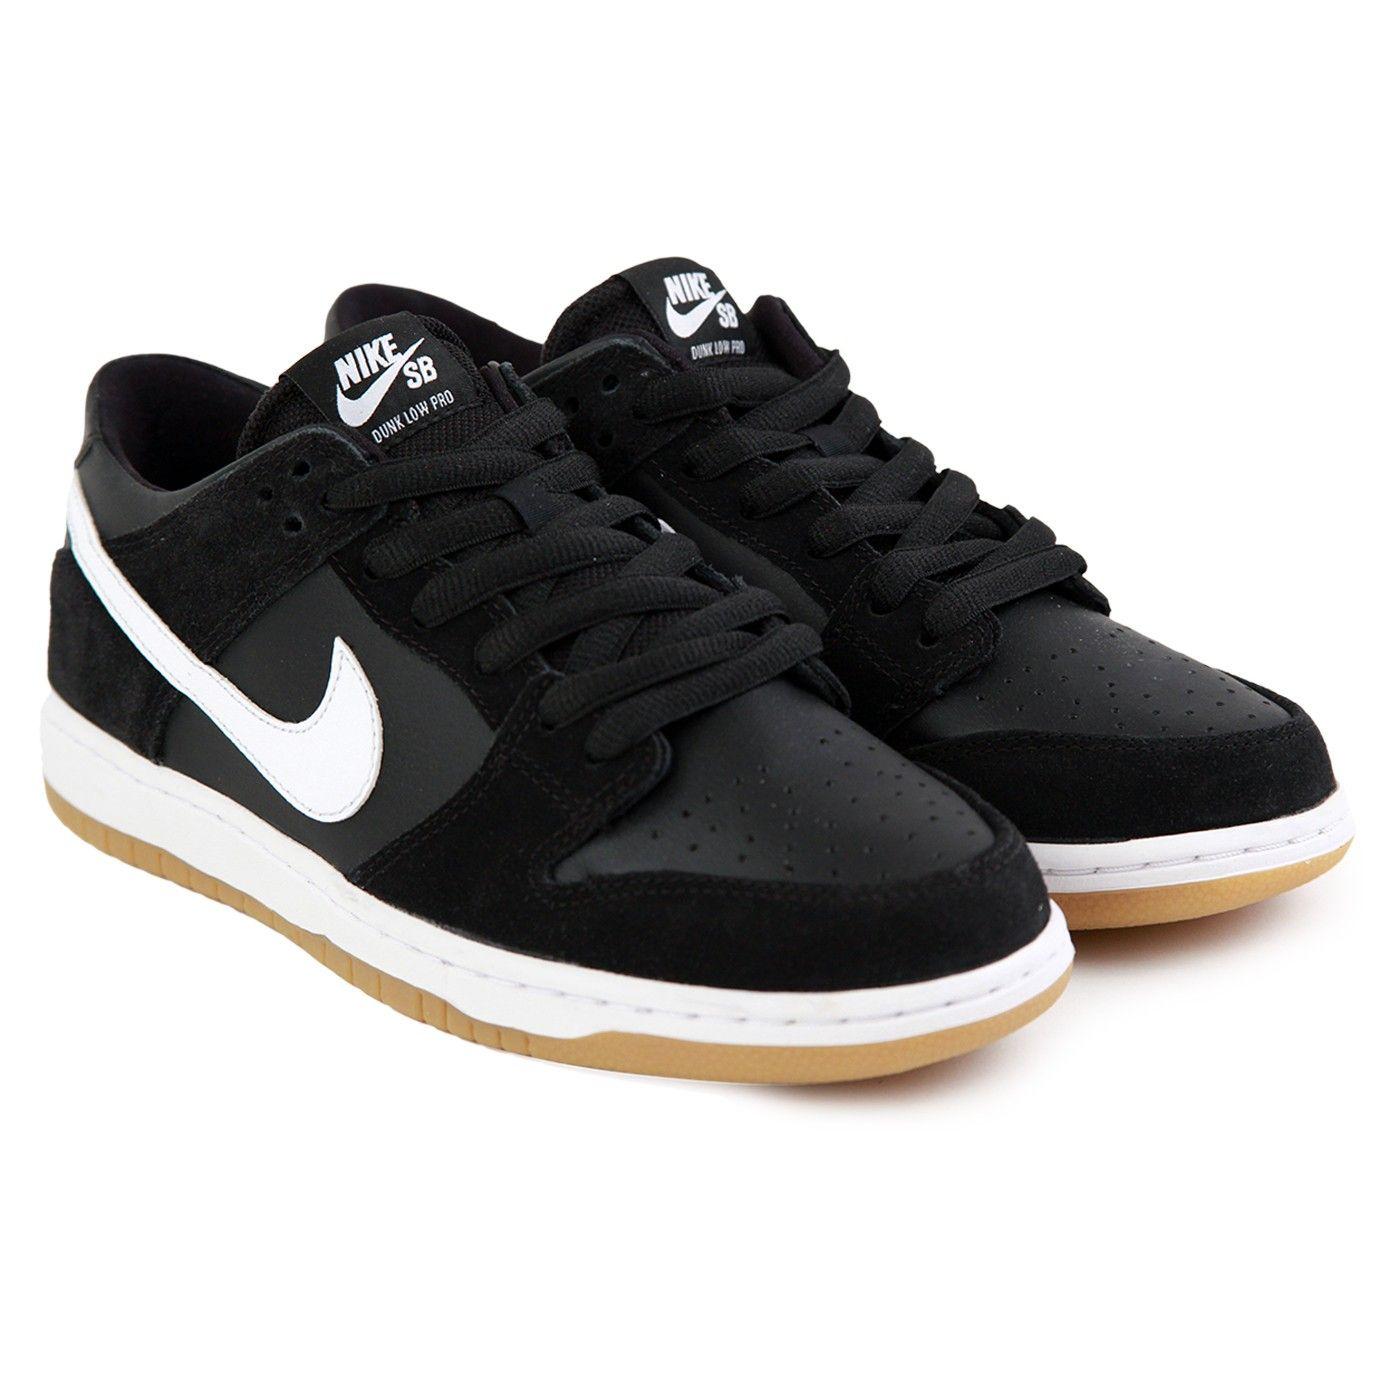 Nike Sb Dunk Negro De Lona Bajos